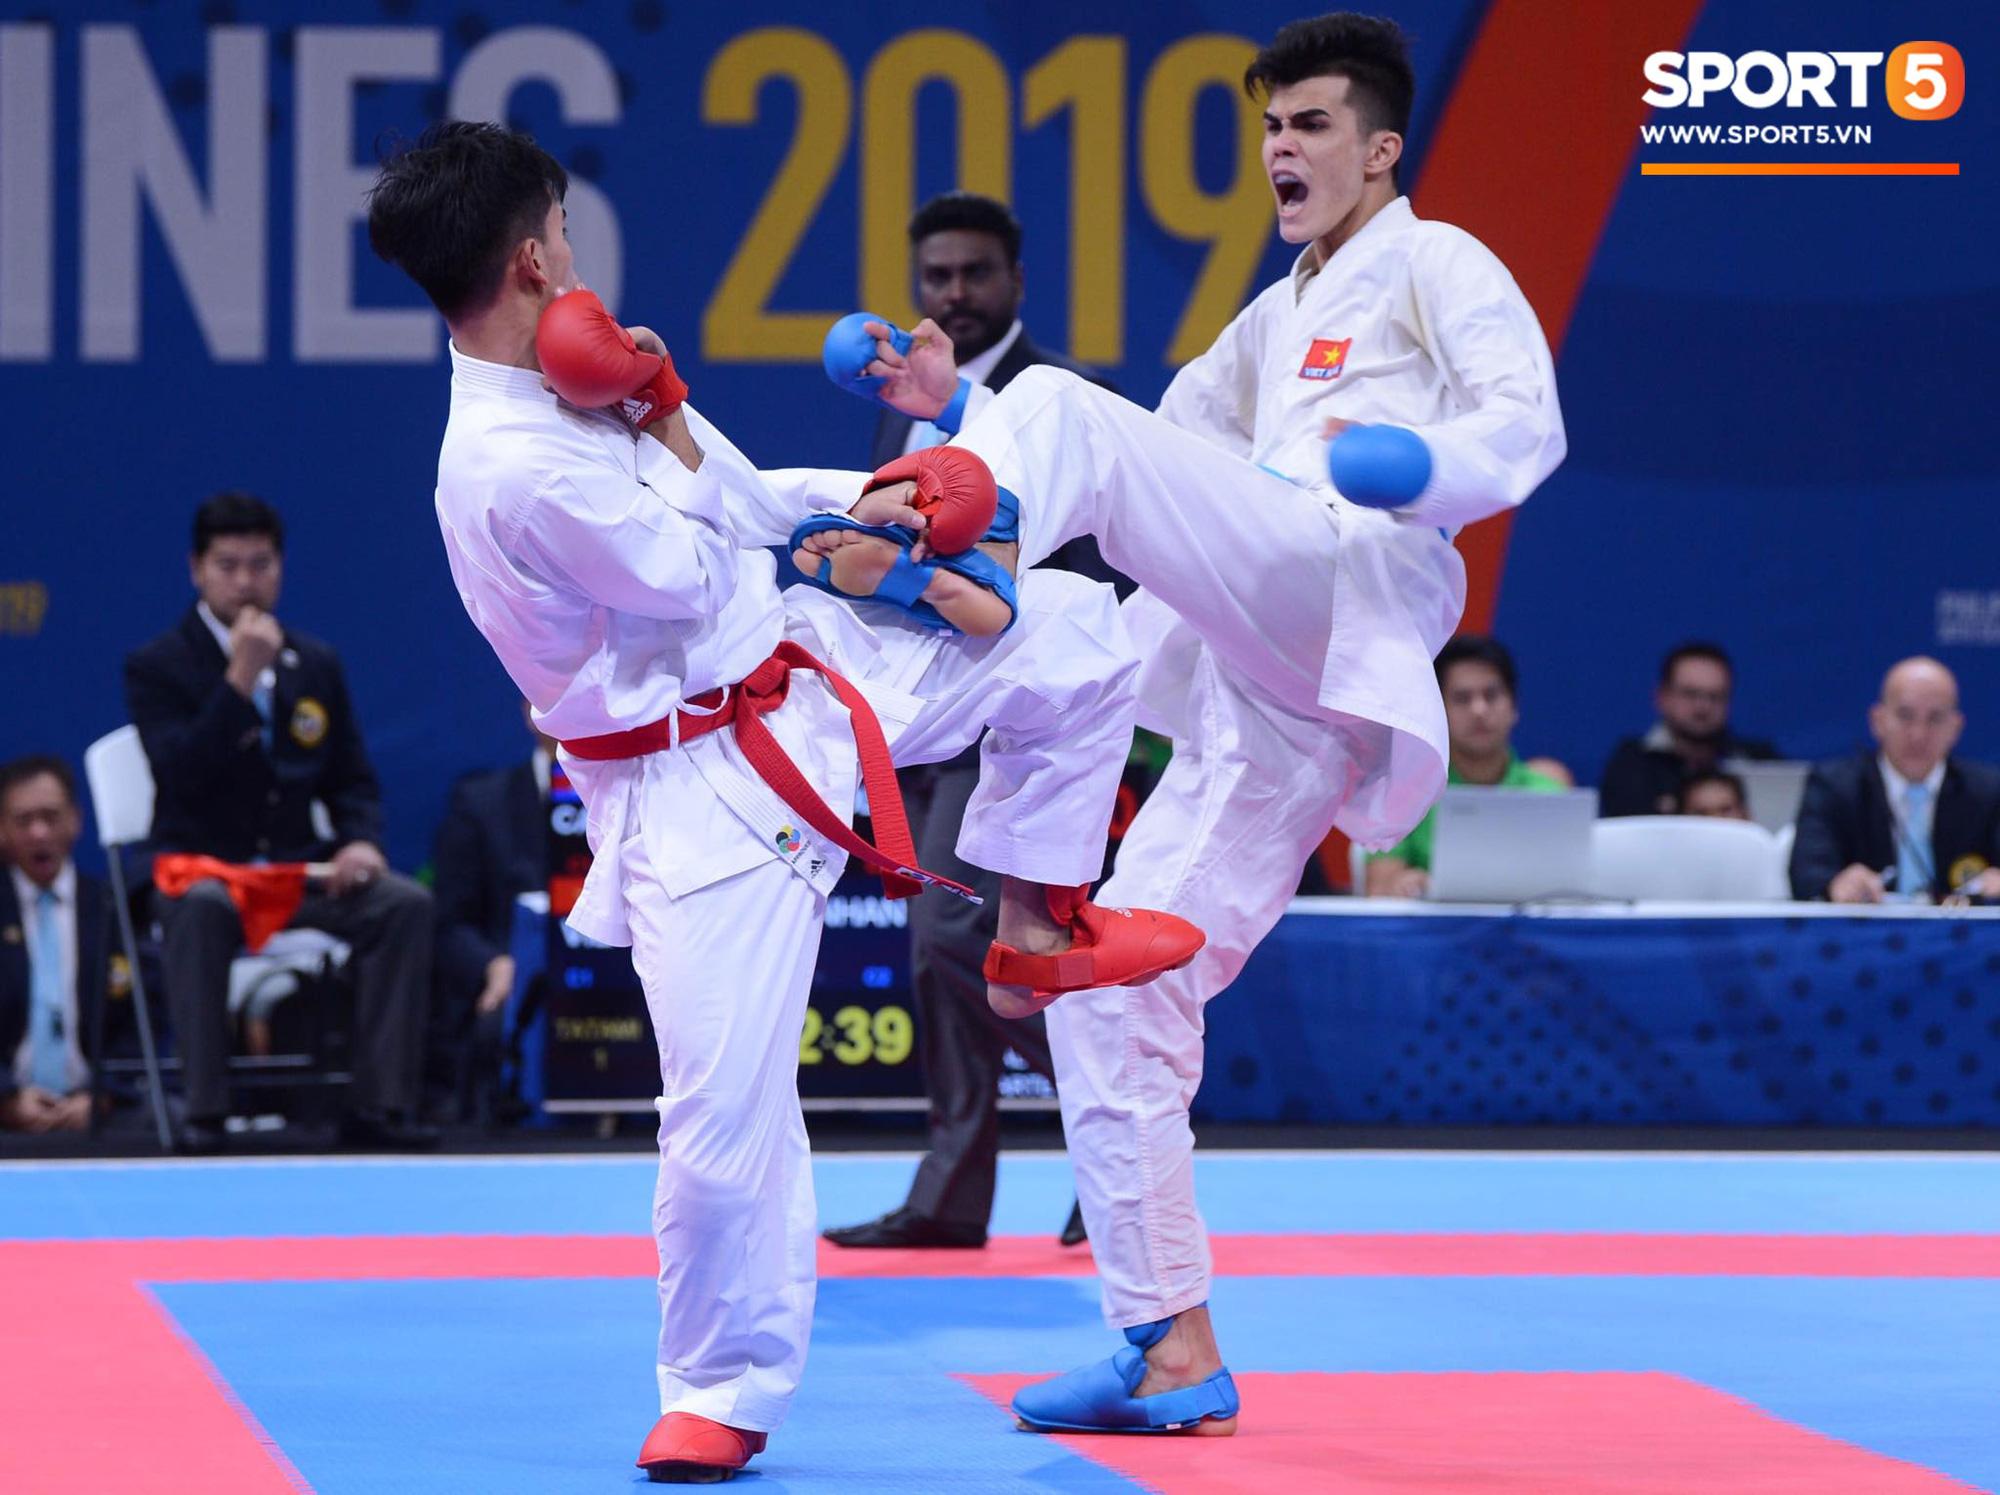 SEA Games ngày 9/12: Chờ tuyển bóng chuyền nữ Việt Nam tạo nên bất ngờ trước Thái Lan ở chung kết - Ảnh 4.